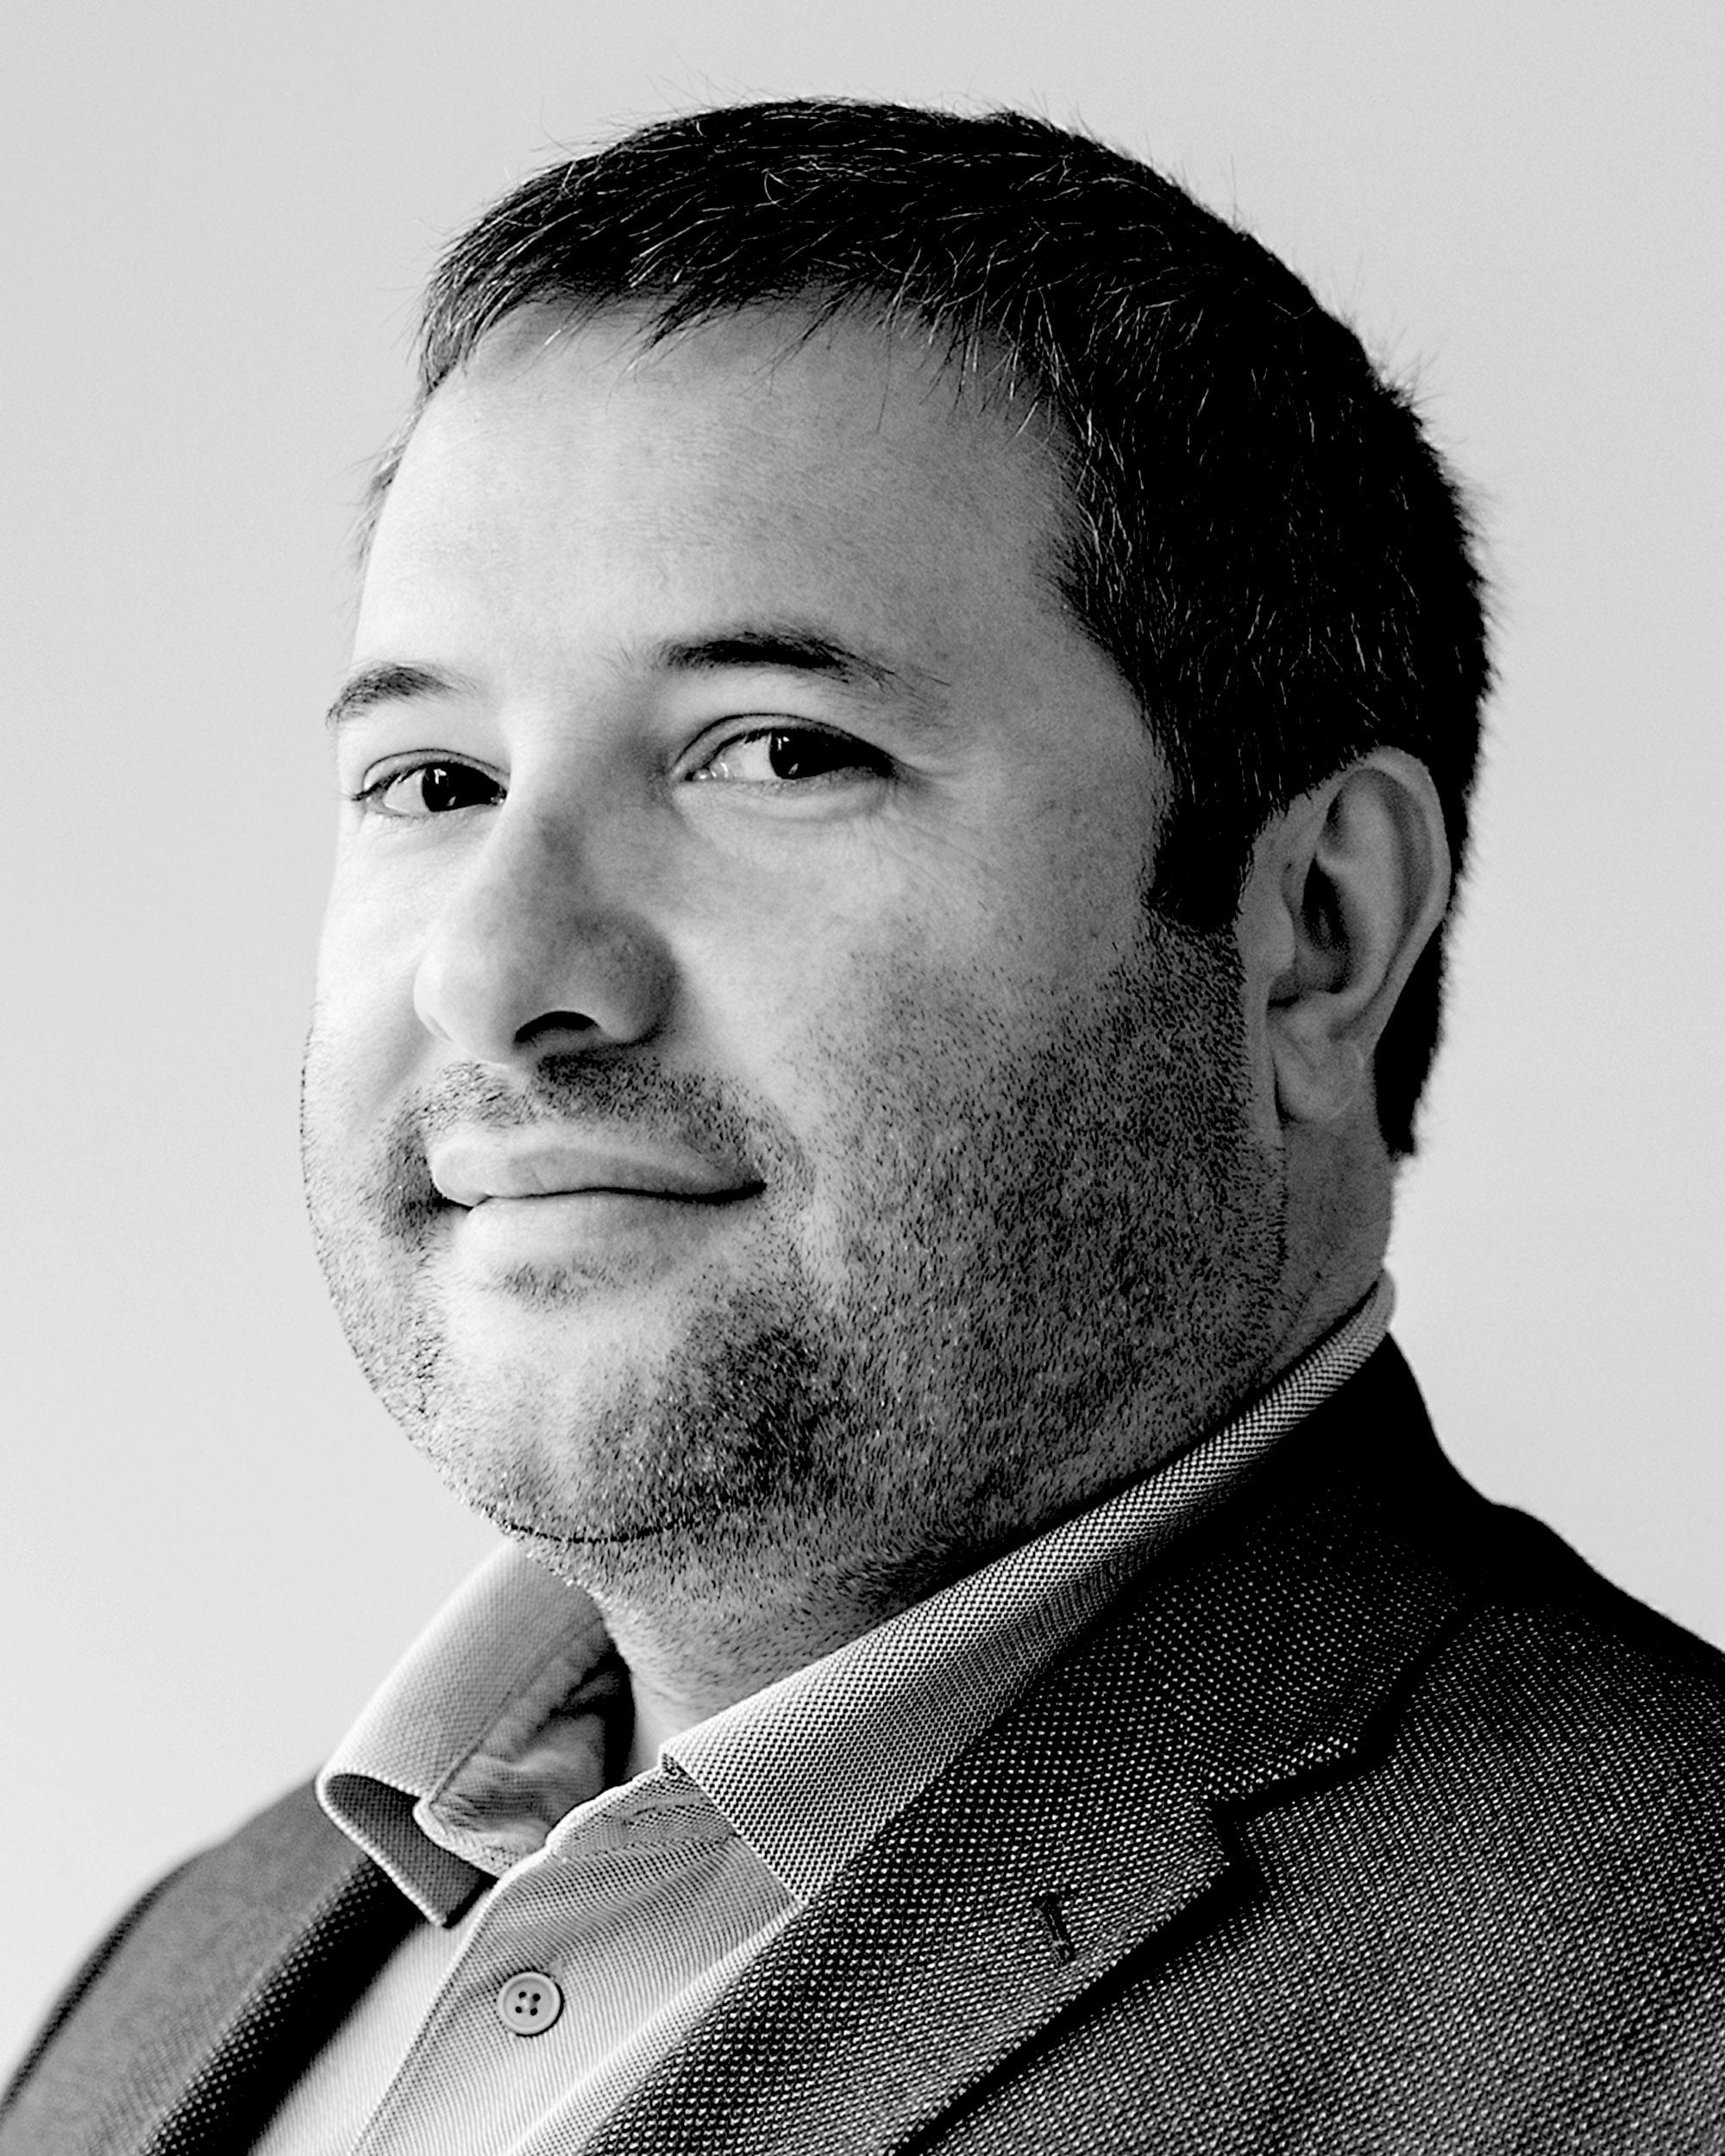 Headshot of James Barbosa